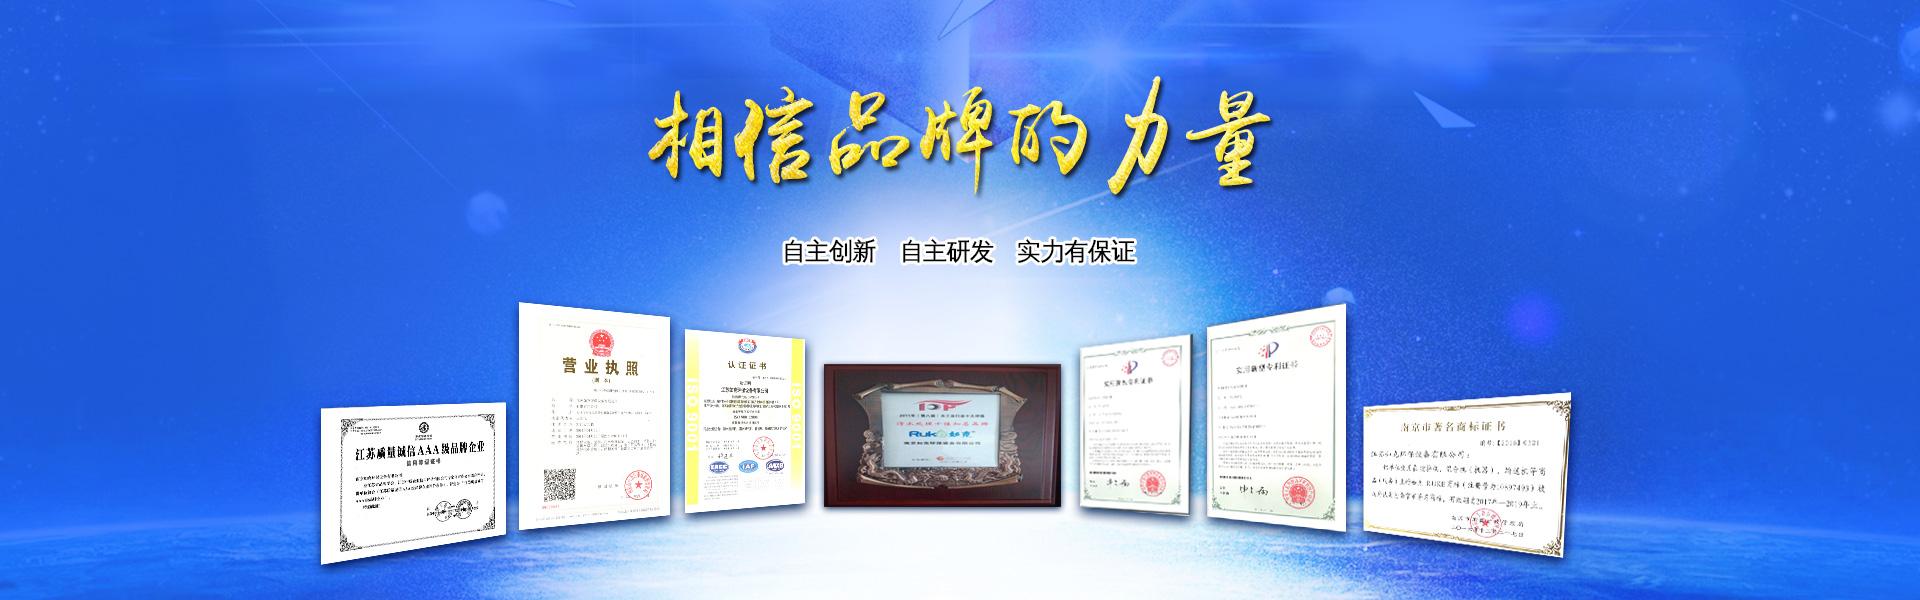 江苏如克环保设备有限公司